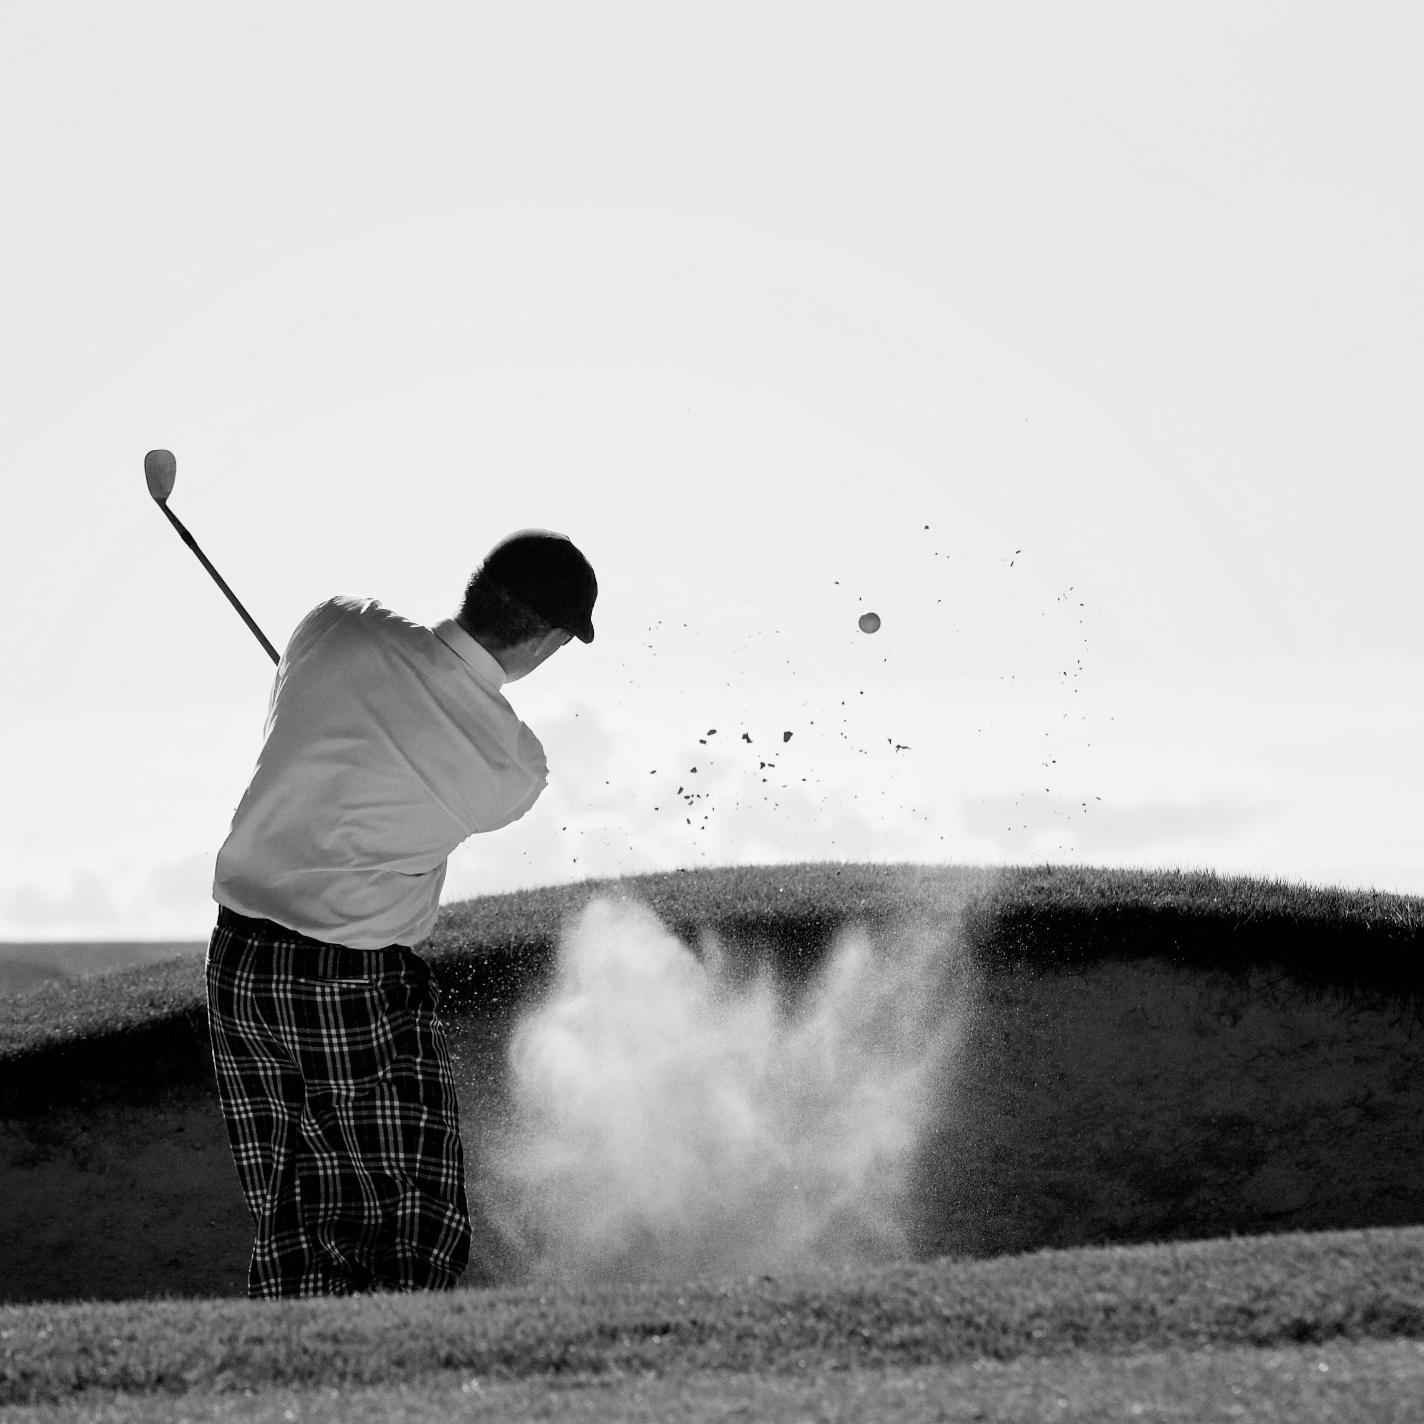 """Temakurser - Golfspelet består av många olika delar och detaljer. Vissa kanske funkar bra, andra mindre bra. Och alla har vi problem med olika saker. Häng med på en eller flera av våra olika temakurser under säsongen om du vill vässa specifika detaljer i ditt spel. Håll utkik på hemsidan och i receptionen efter aktuella kurser!Kursfakta3 timmar intensiv träning på ett speciellt tema, t.ex. """"Hur får jag fart på klubban?"""", """"Hur botar jag min bunkerfrossa?"""" eller """"Hur får jag koppsnurrarna rakt i kopp?""""Kursavgift: 595 kr per tillfälle.Kurstillfällen 2019: Håll utkik på hemsidan och i receptionen efter aktuella temakurser!För anmälan och frågor vänligen kontakta:Martin Bendelin Munkhammar.martin@visbygk.com0498-200939"""